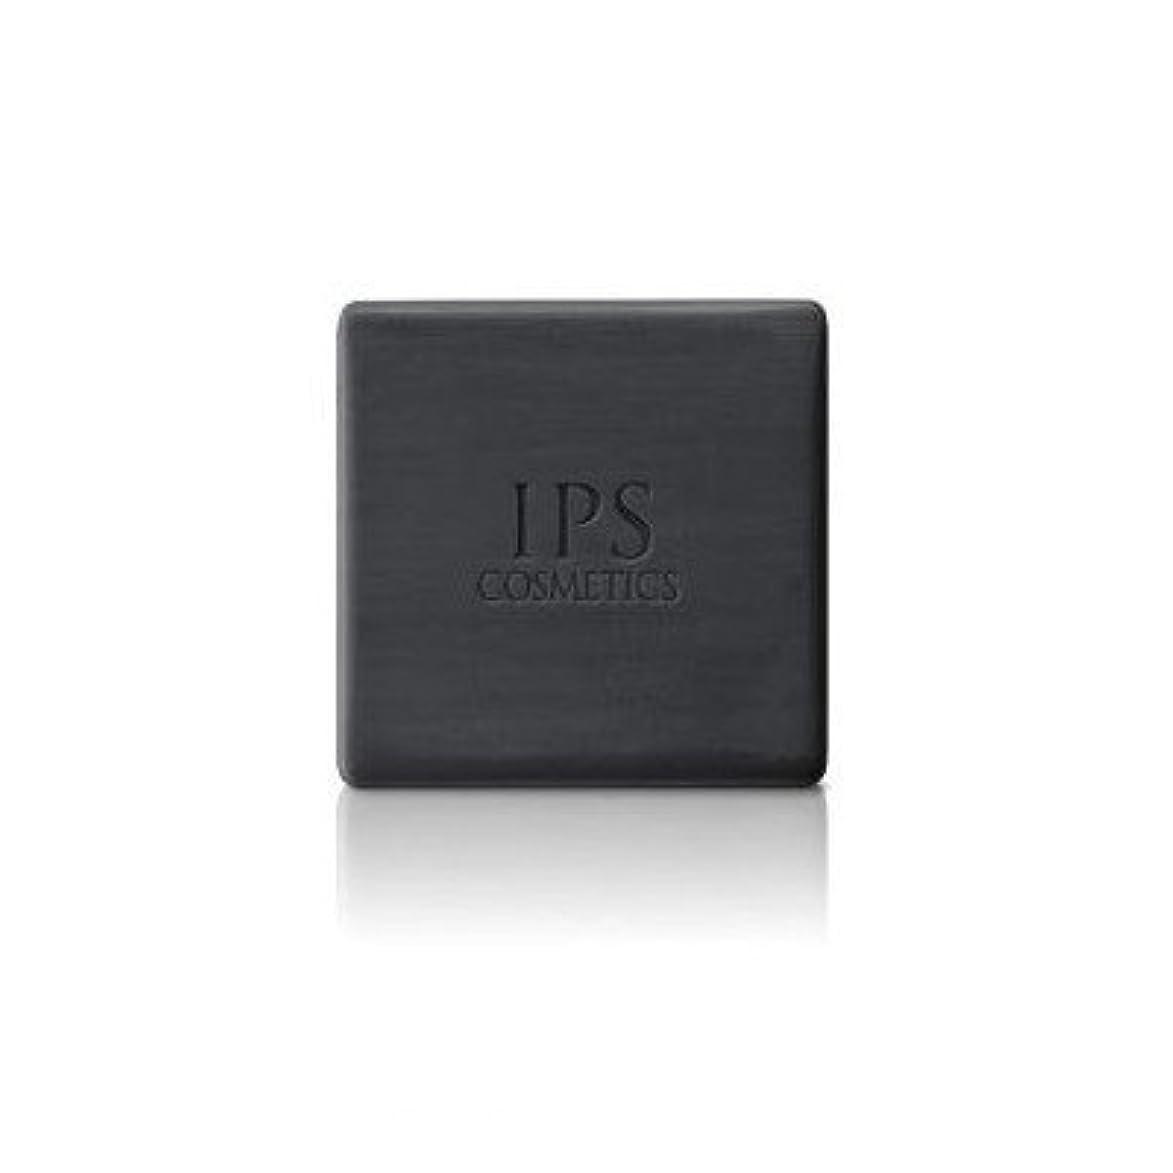 フロント威する人質IPS コンディショニングバー 洗顔石鹸 120g